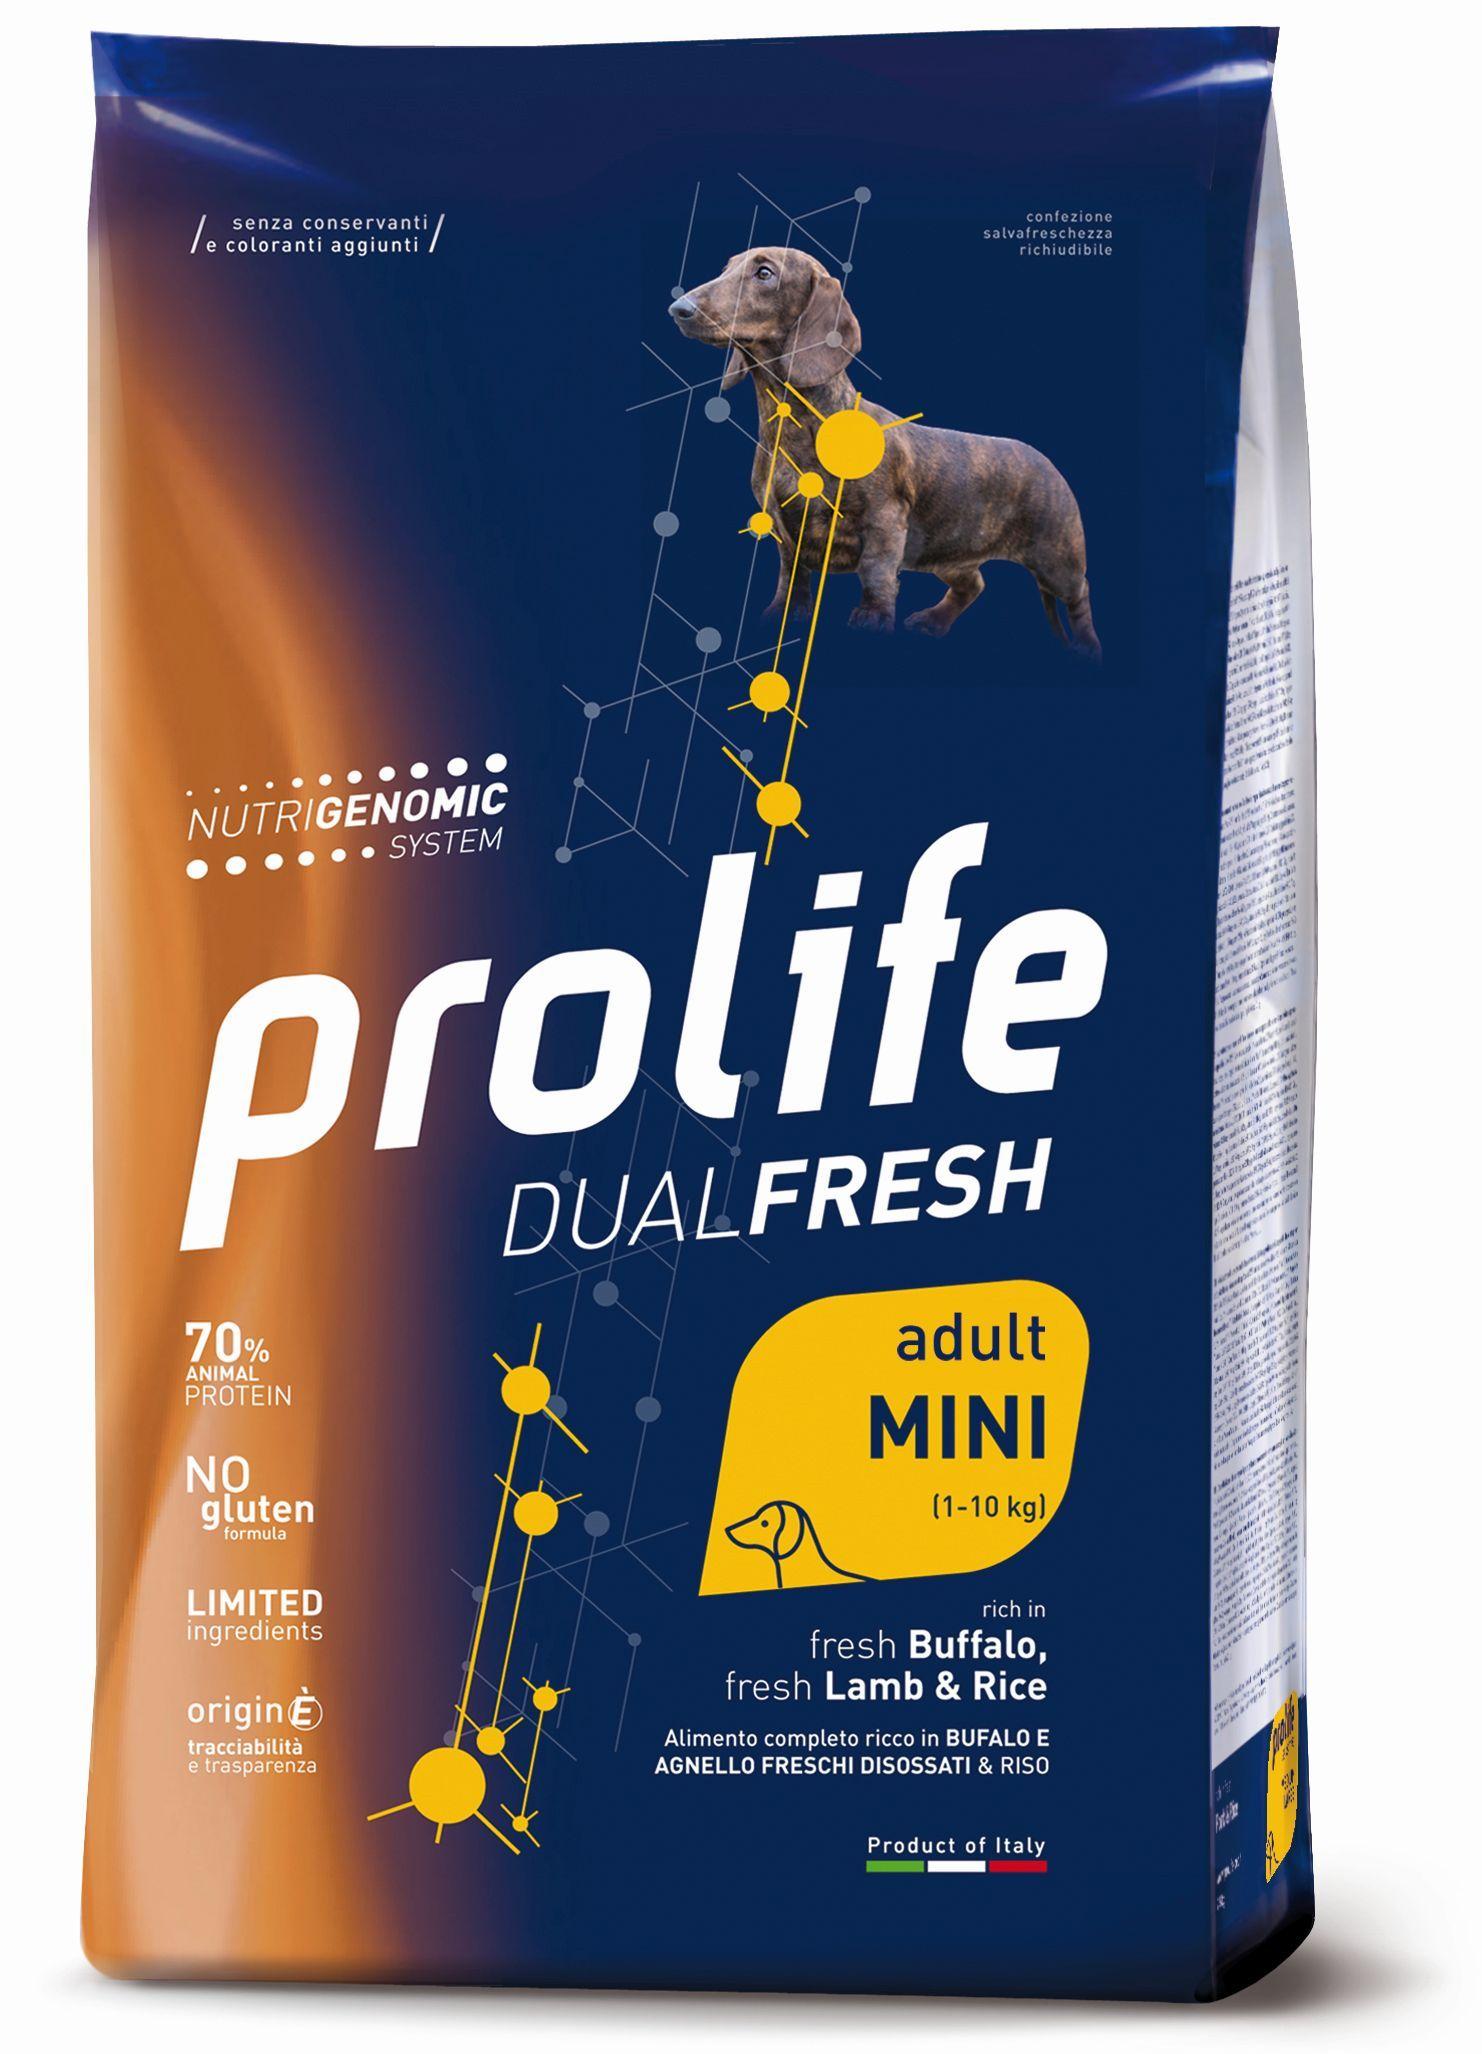 PROLIFE DUALFRESH ADULT MINI  CANE BUFALO, AGNELLO E RISO 2 KG.